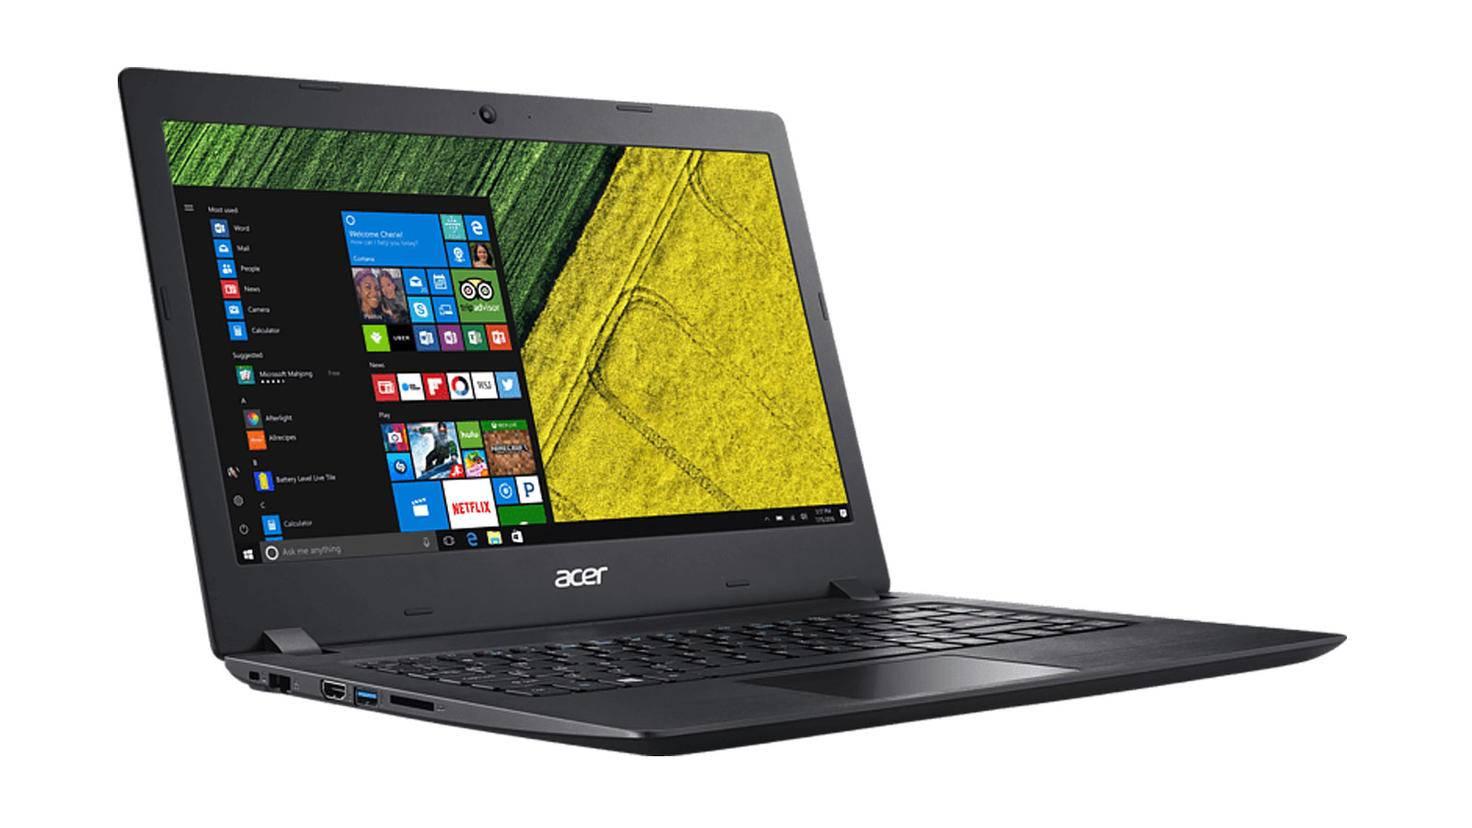 Laptop Unter 300 Euro 6 Preiswerte Notebooks